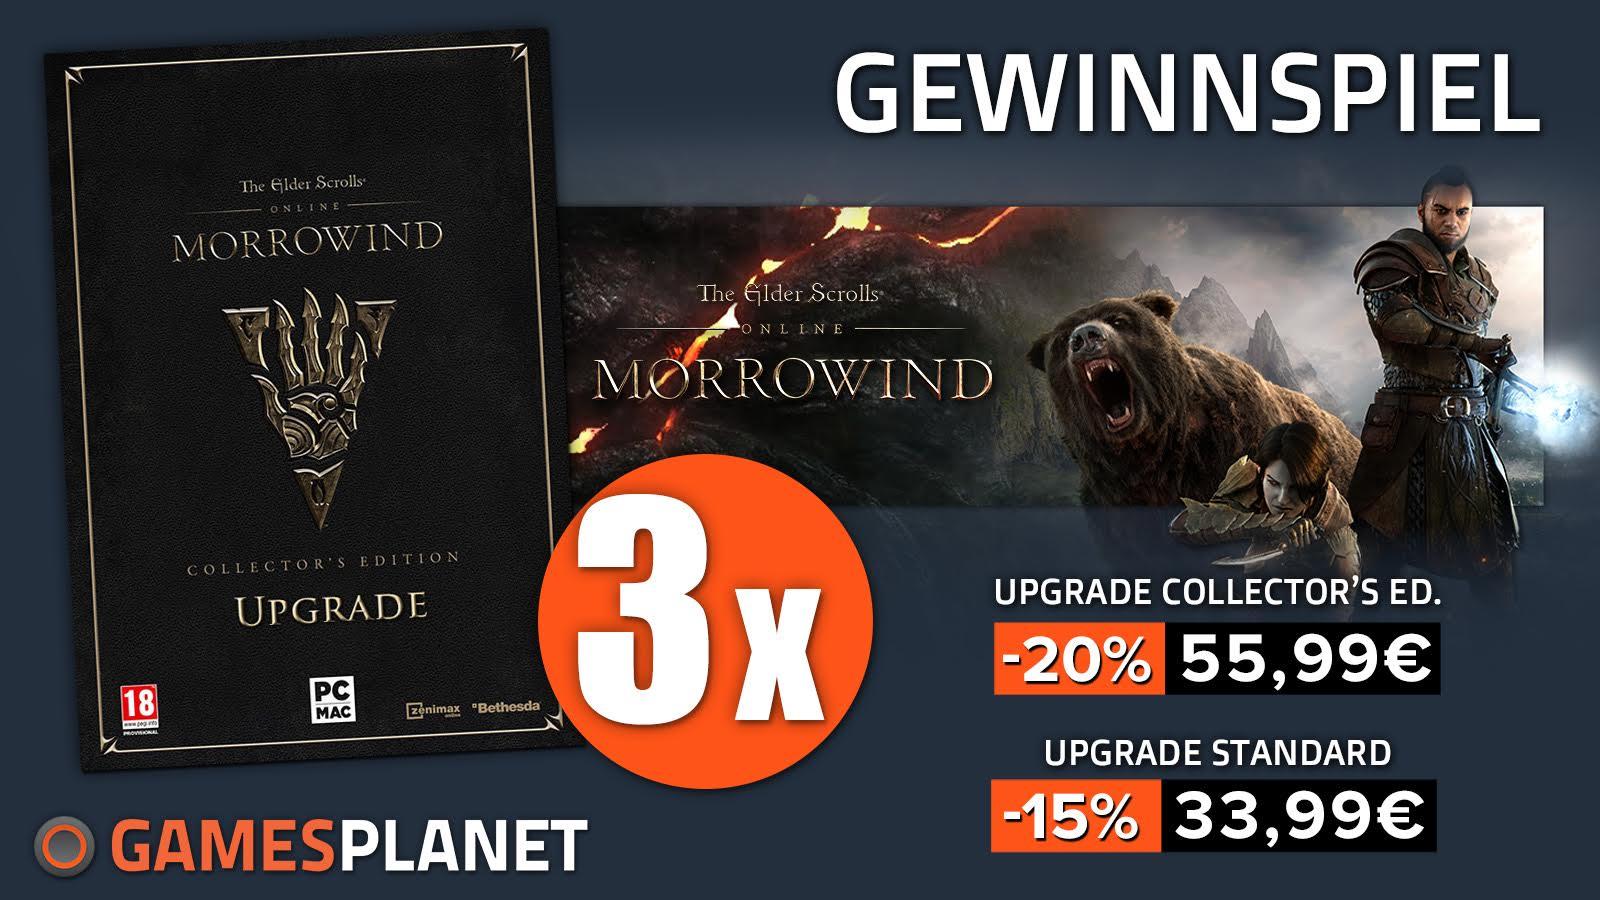 ESO Morrowind – Gewinnt Upgrades auf Collector's Edition und Early-Access